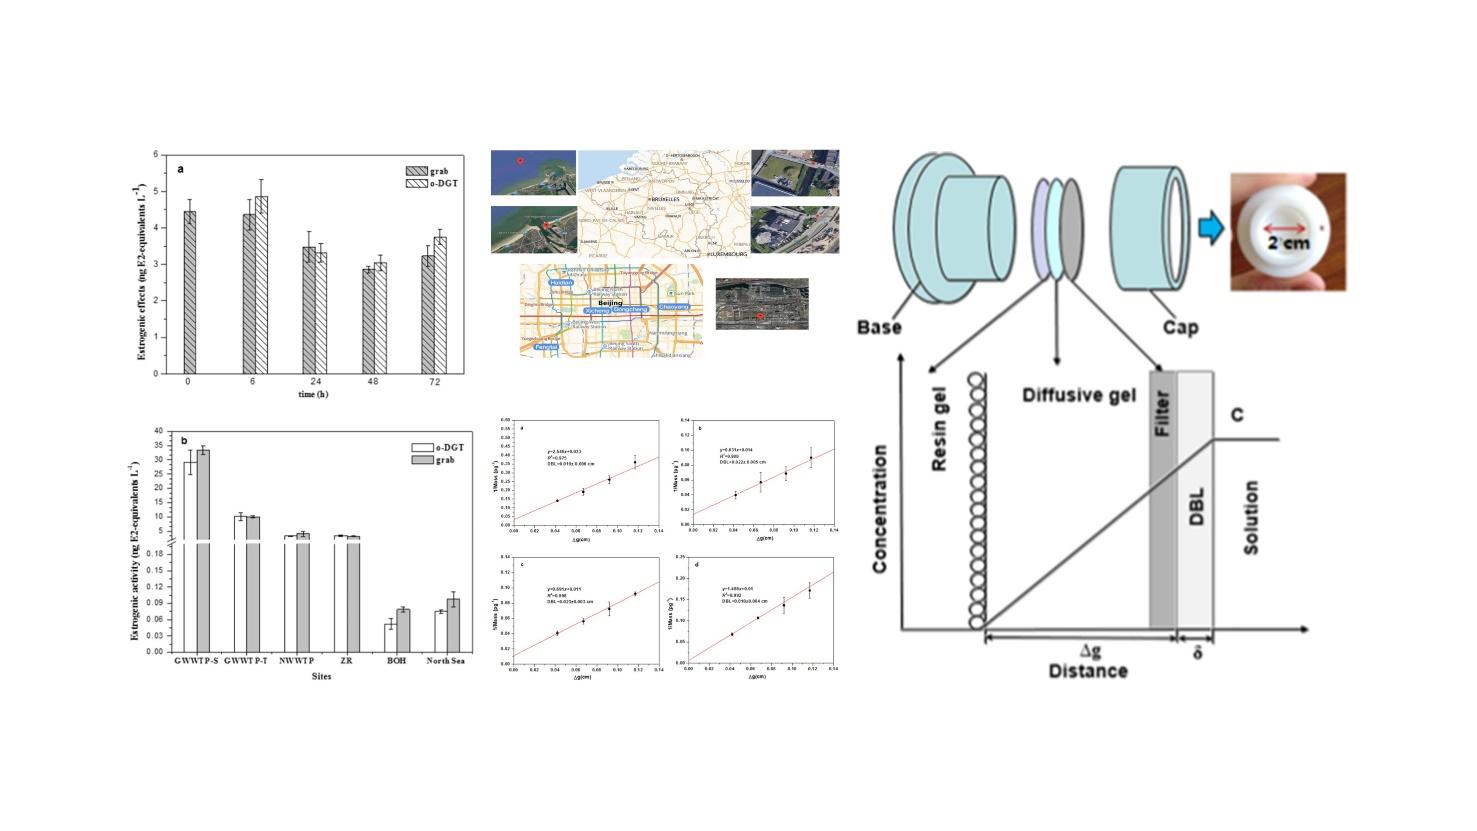 梯度扩散薄膜有机技术结合Ere-Calux生物测定法在水生系统中雌激素活性原位监测的应用